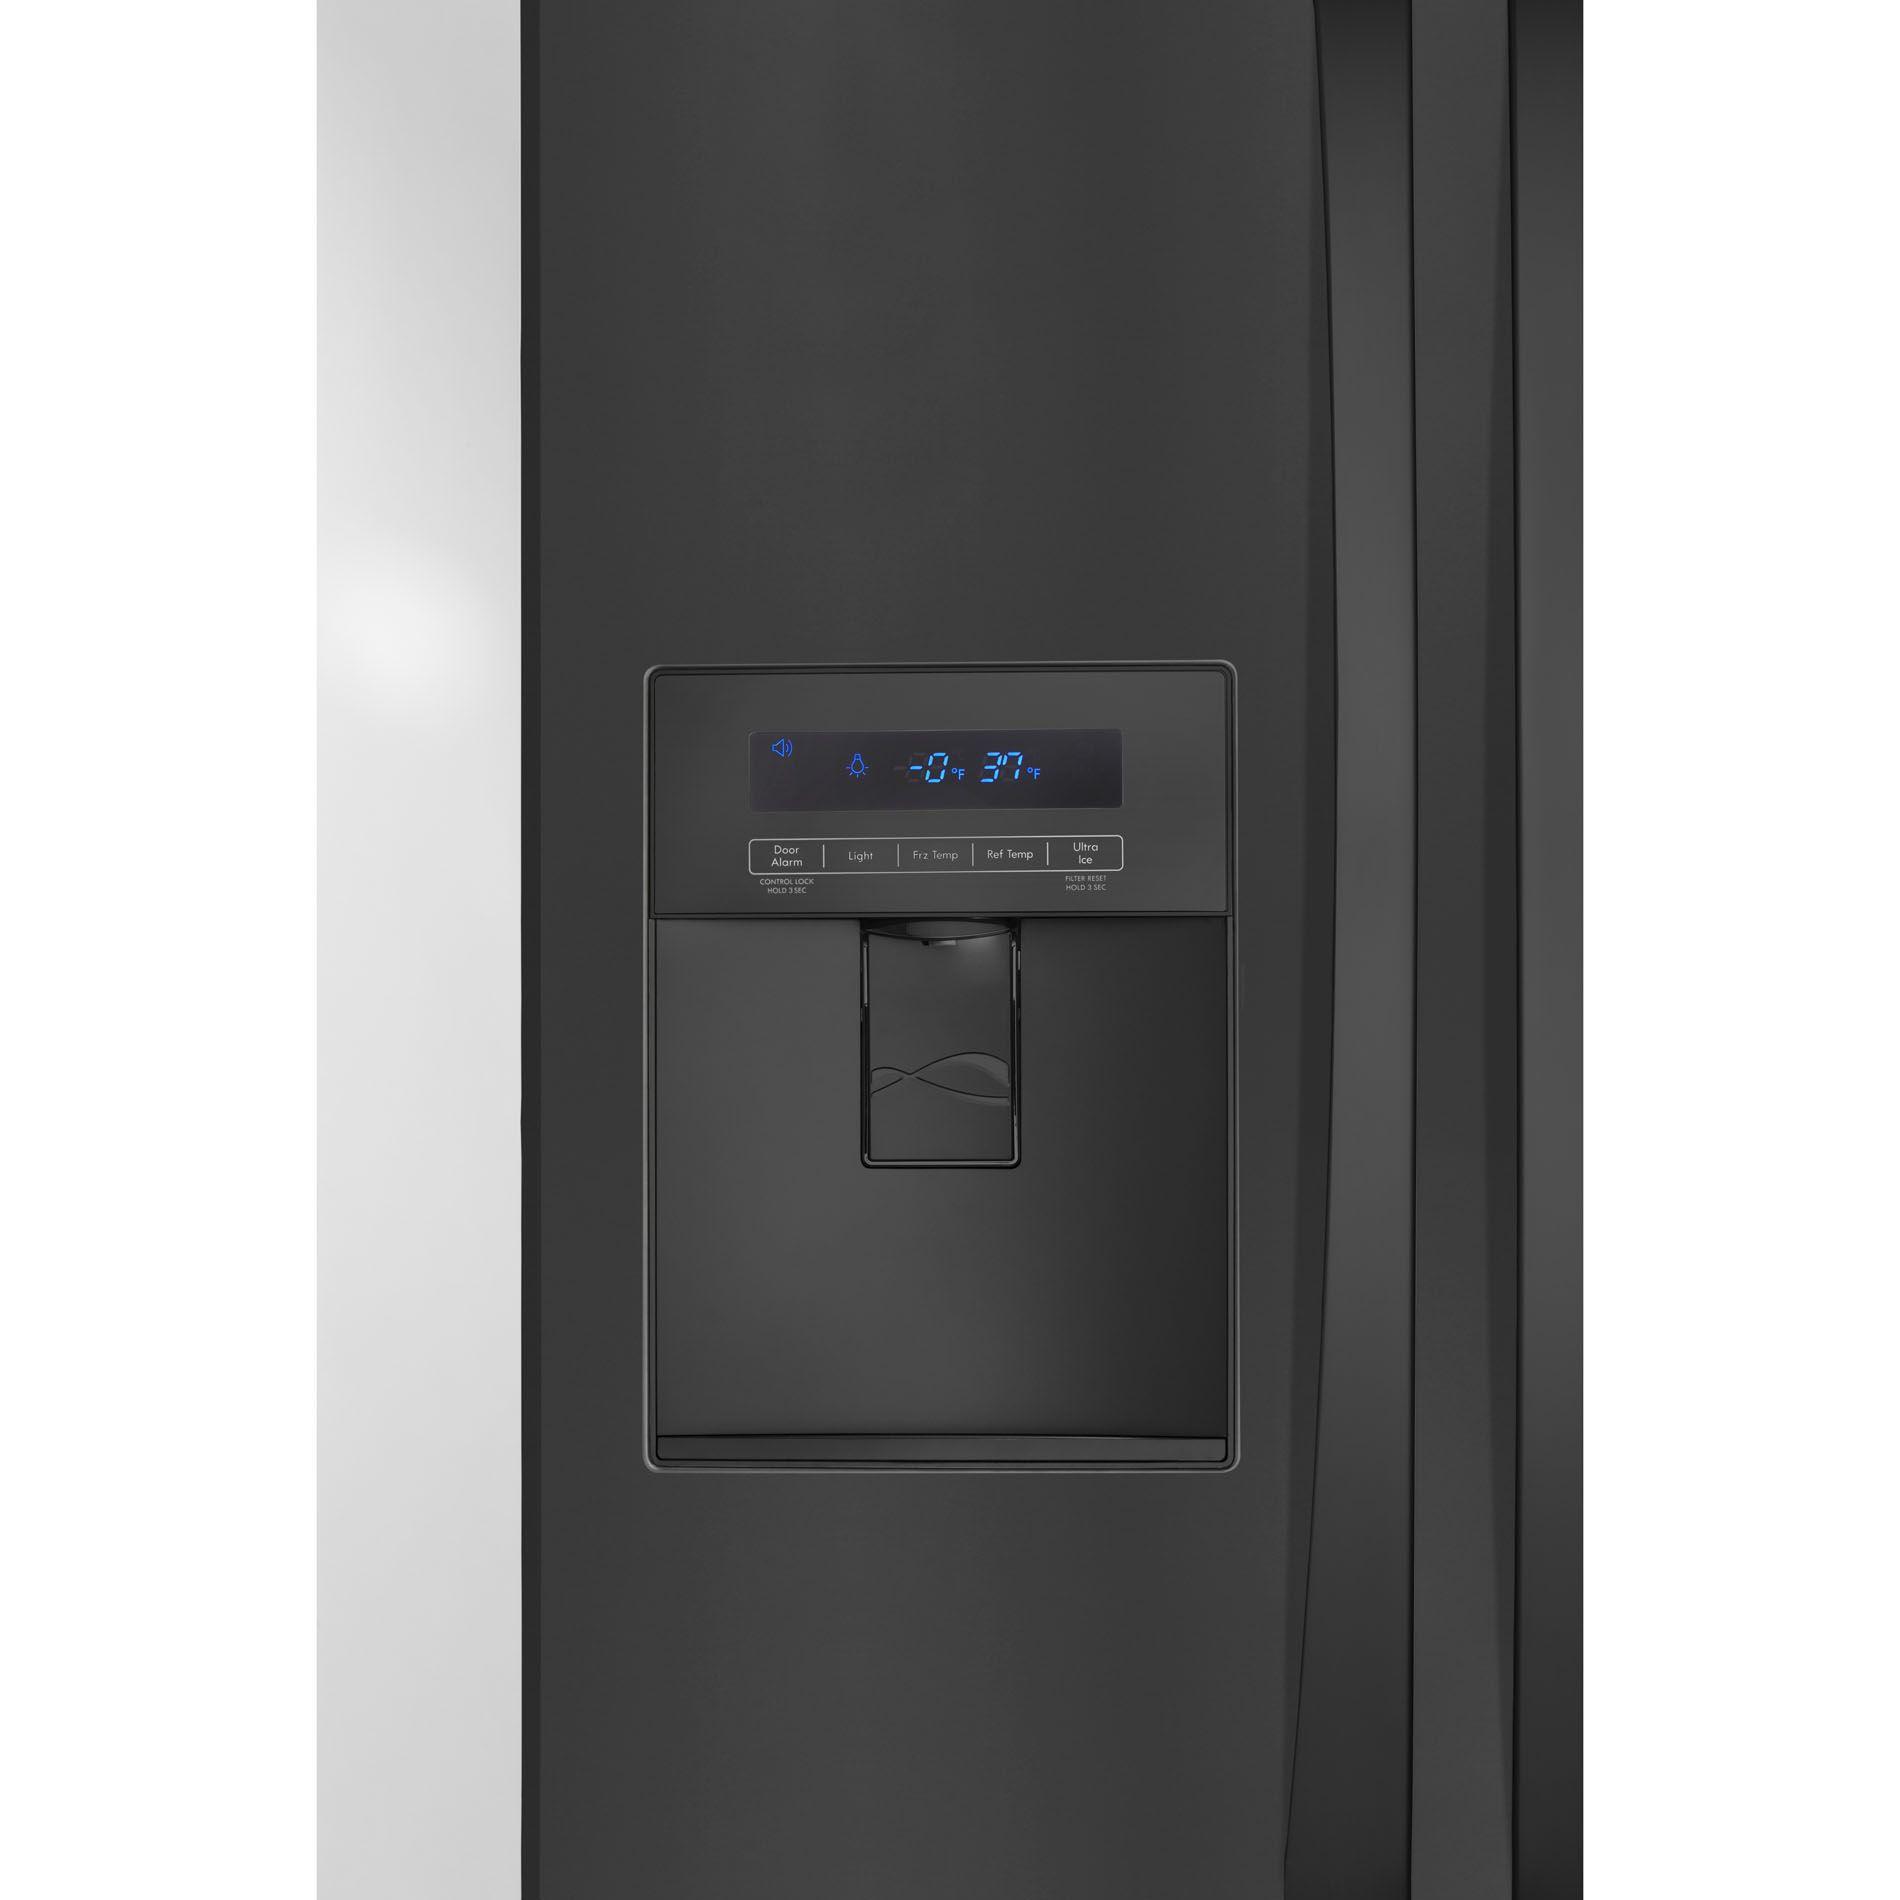 Kenmore Elite 20 cu. ft. French-Door Bottom-Freezer Refrigerator - Black